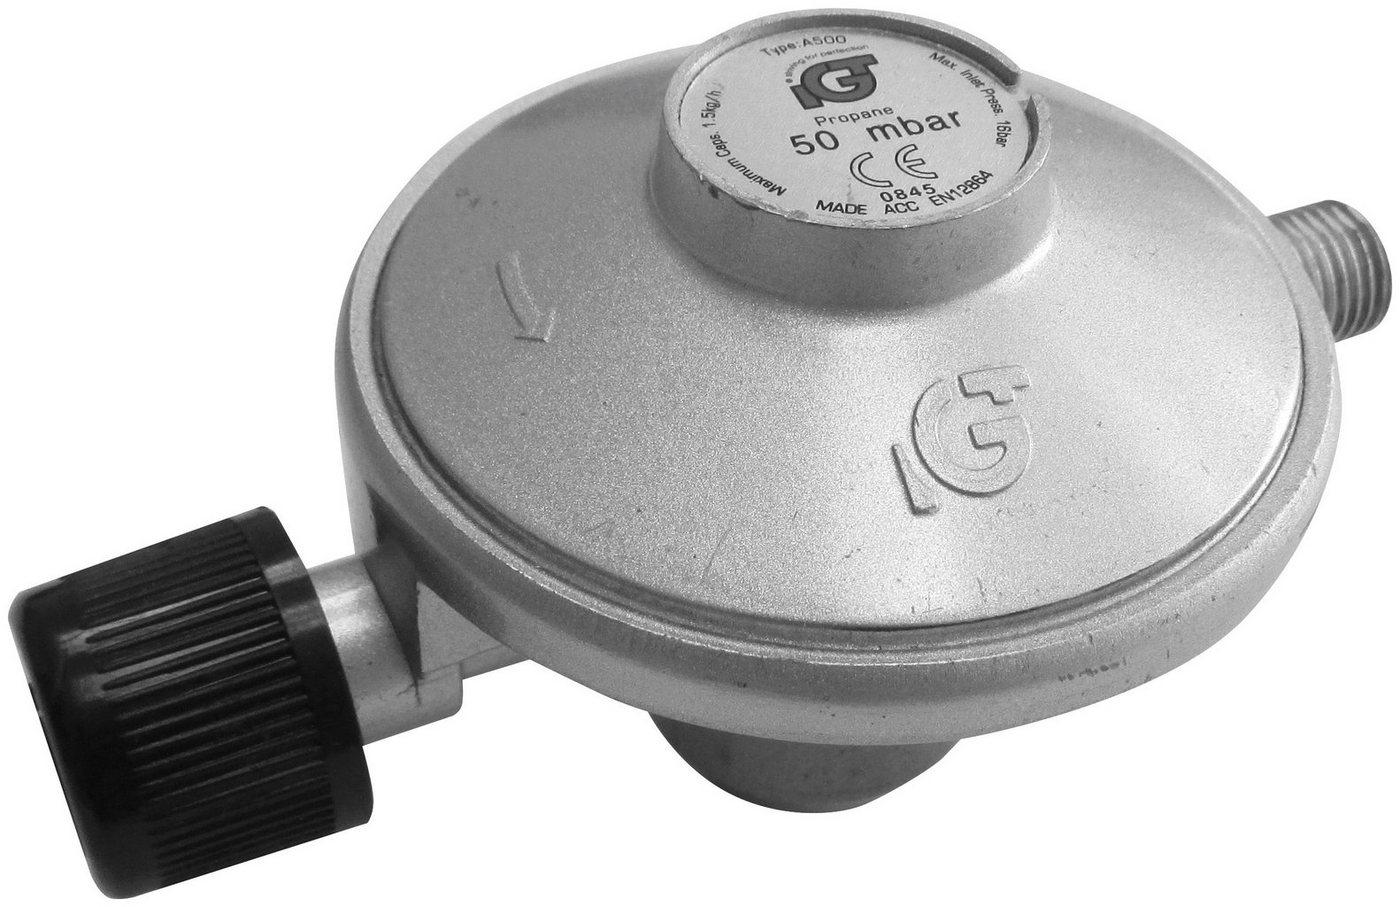 Tepro Druckregler, für mobile Gasgrills